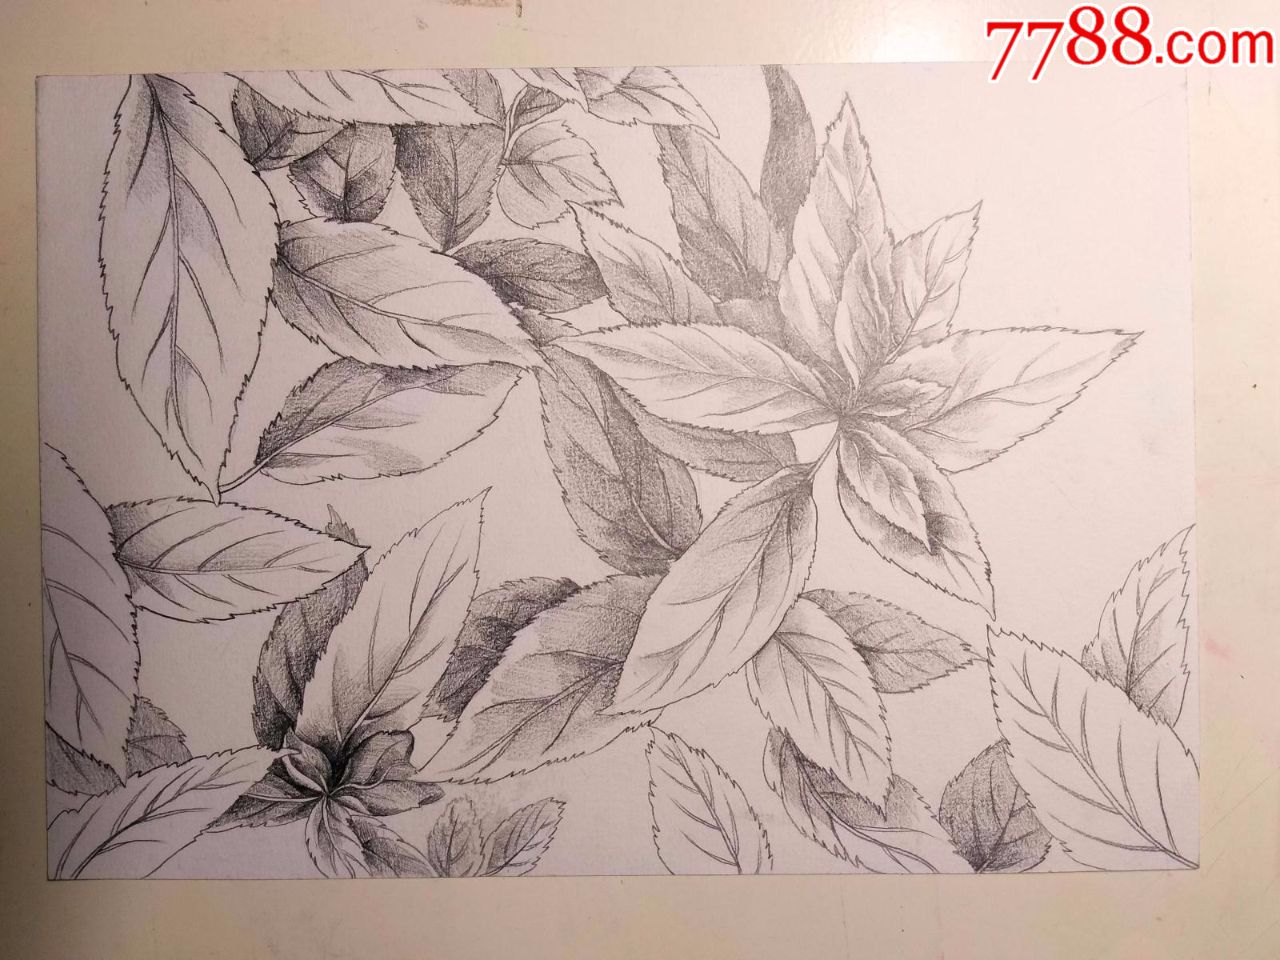 铅笔素描画稿原稿《树叶》图片